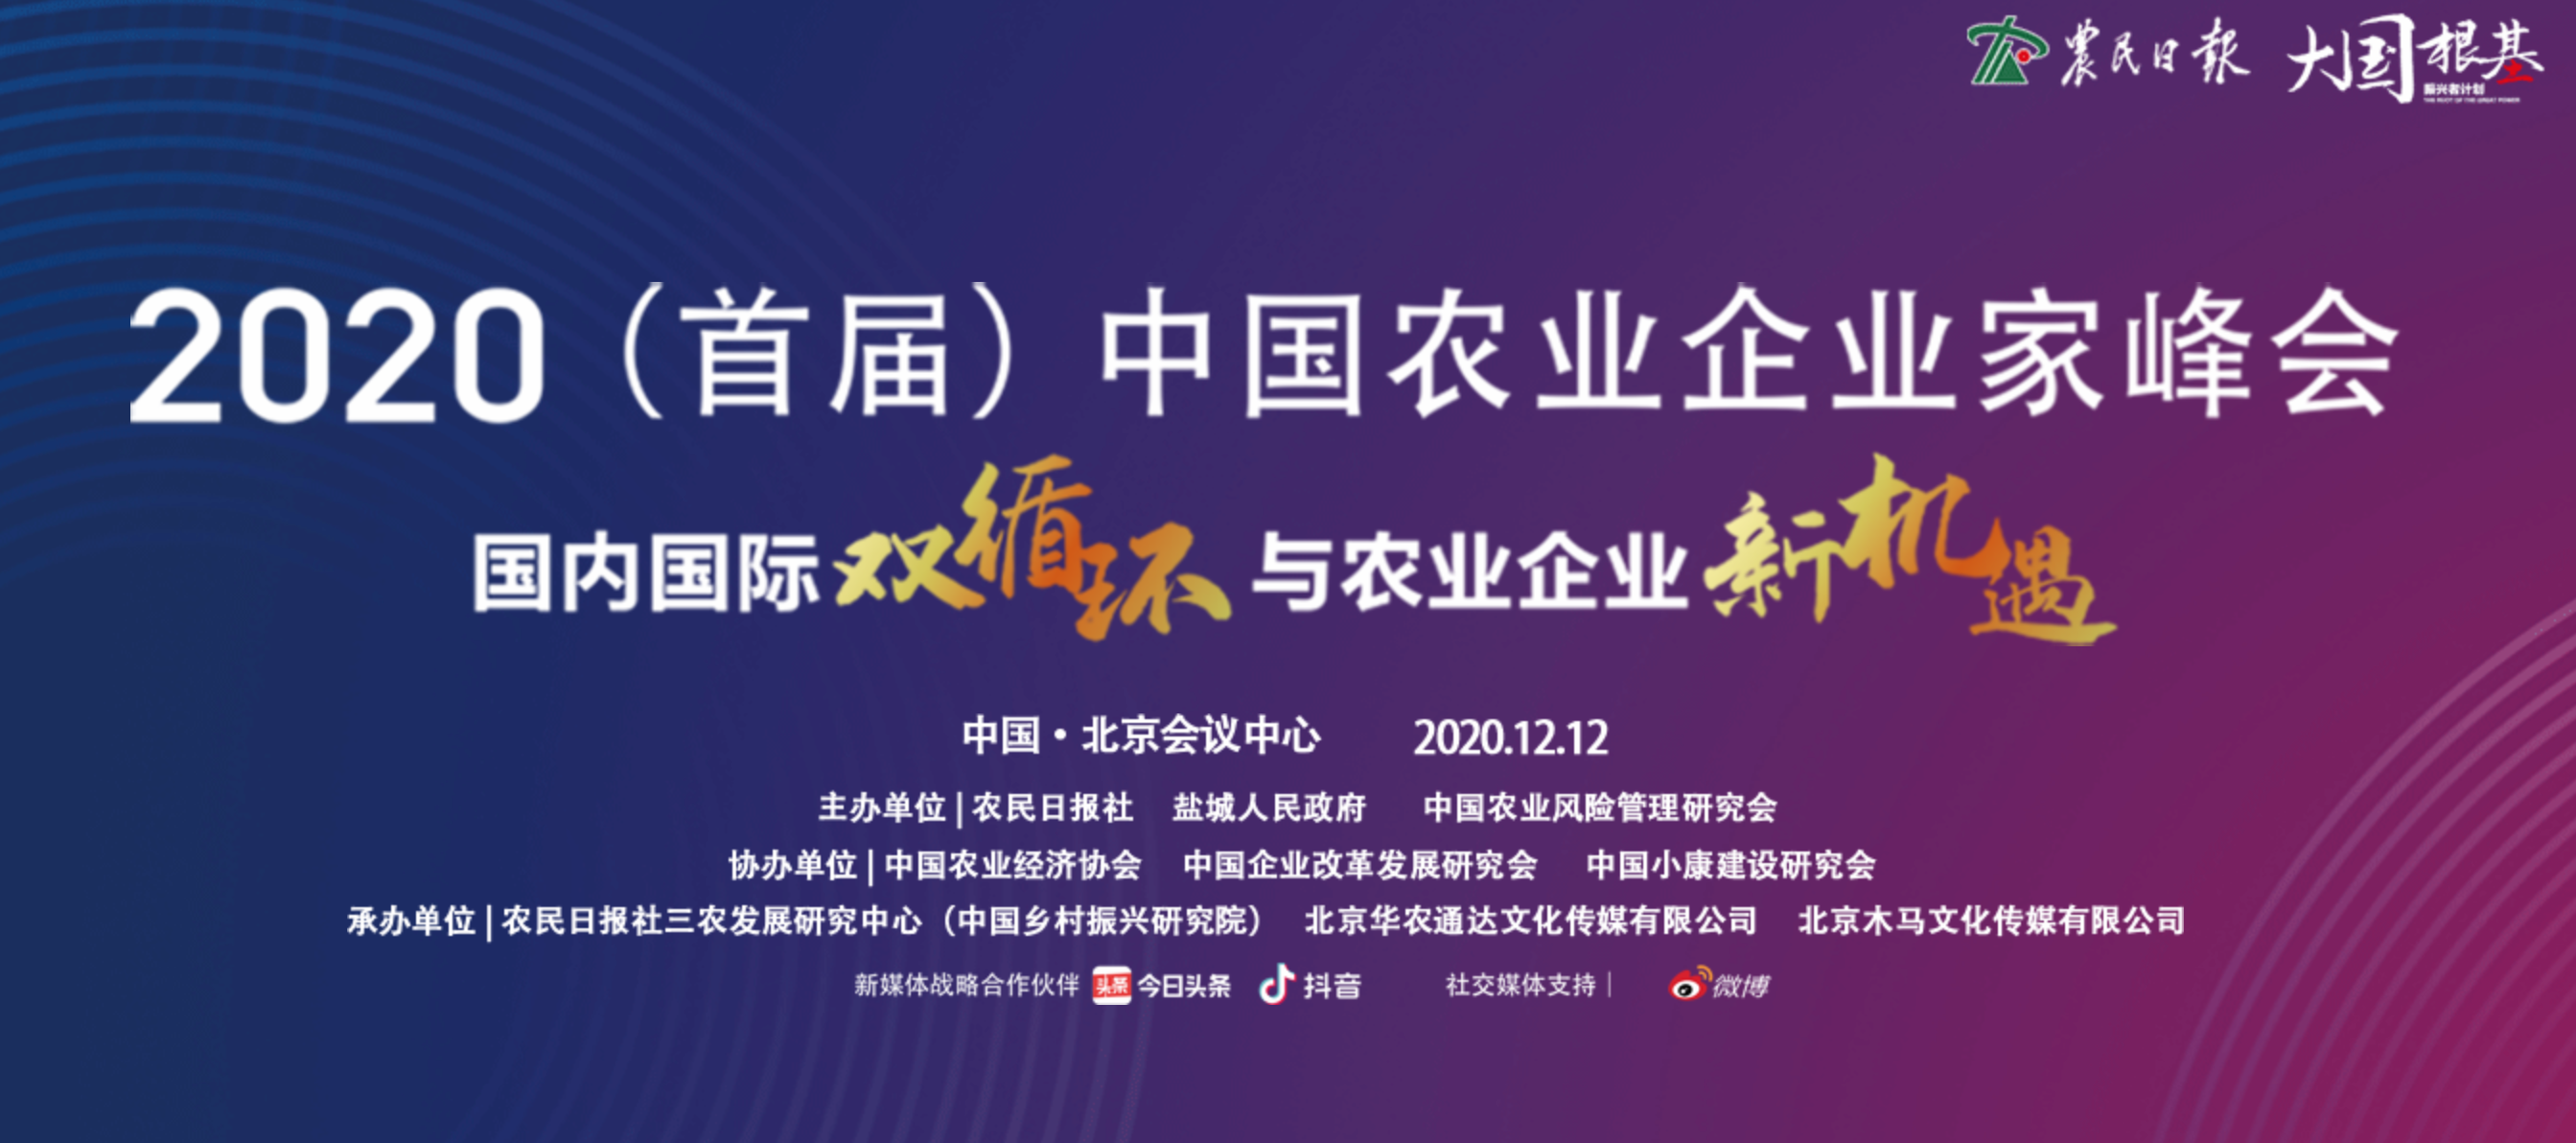 2020中国农业企业家峰会